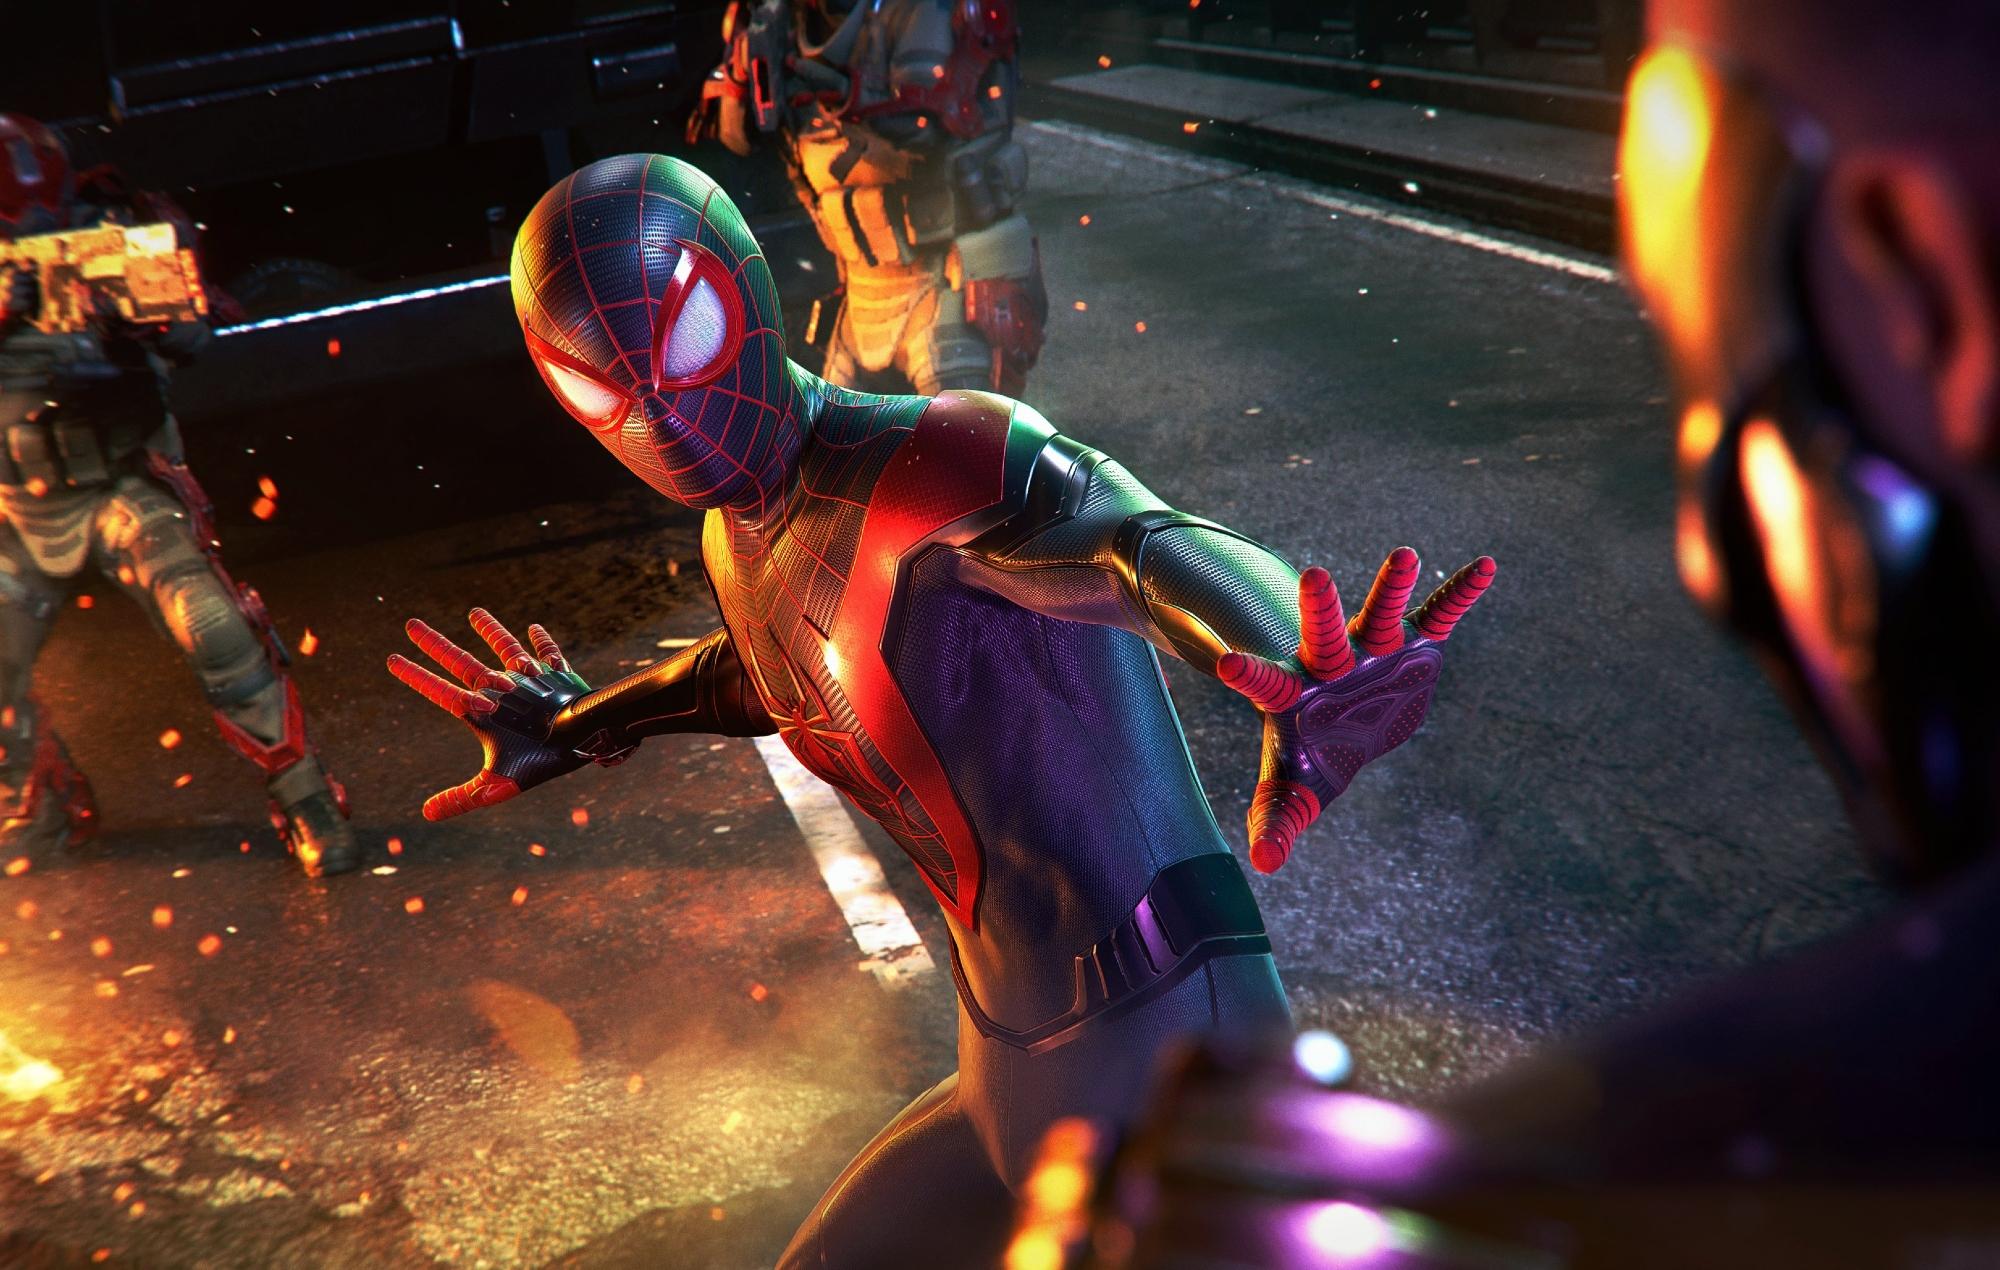 PS5出售后两周游戏销量:《小黑蛛》夺冠 《恶魔之魂:重制版》仅第4